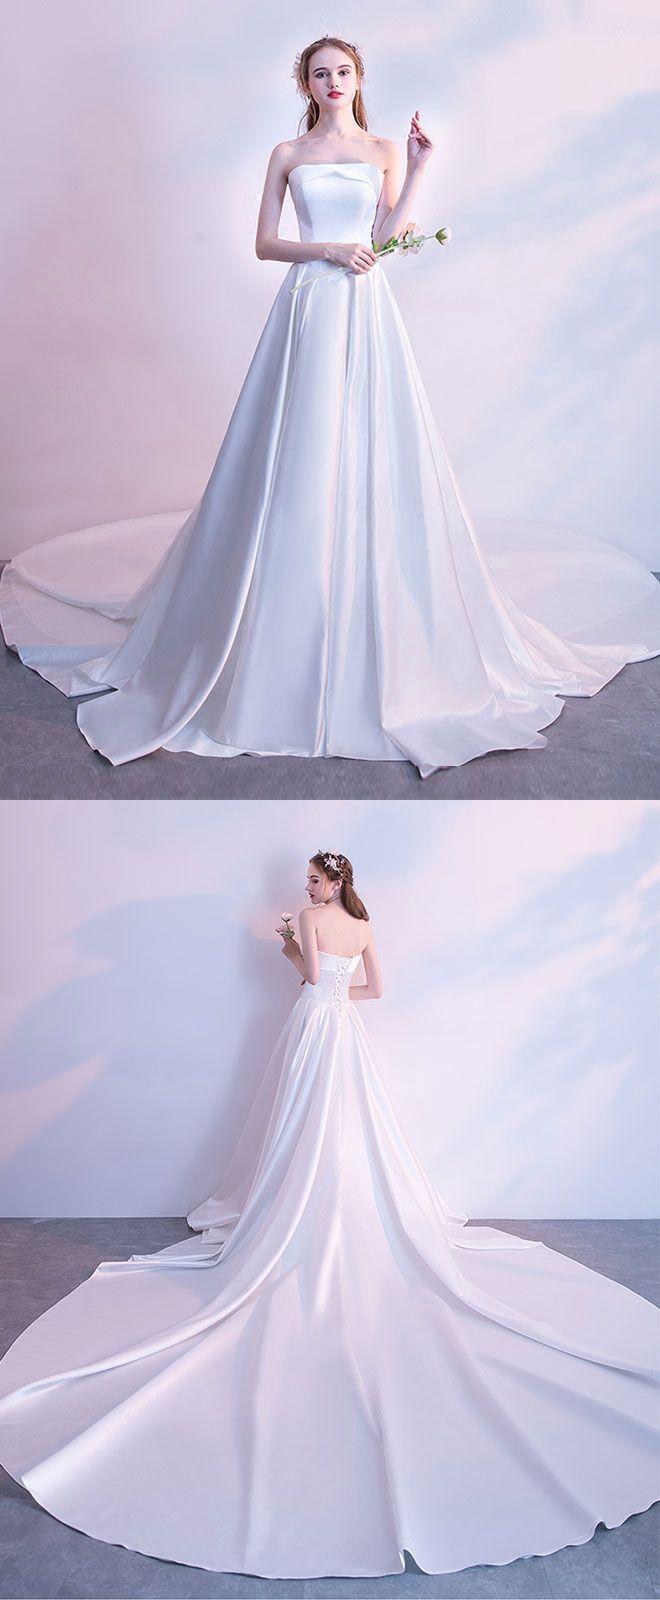 White long prom dress wedding dress pinterest white long prom